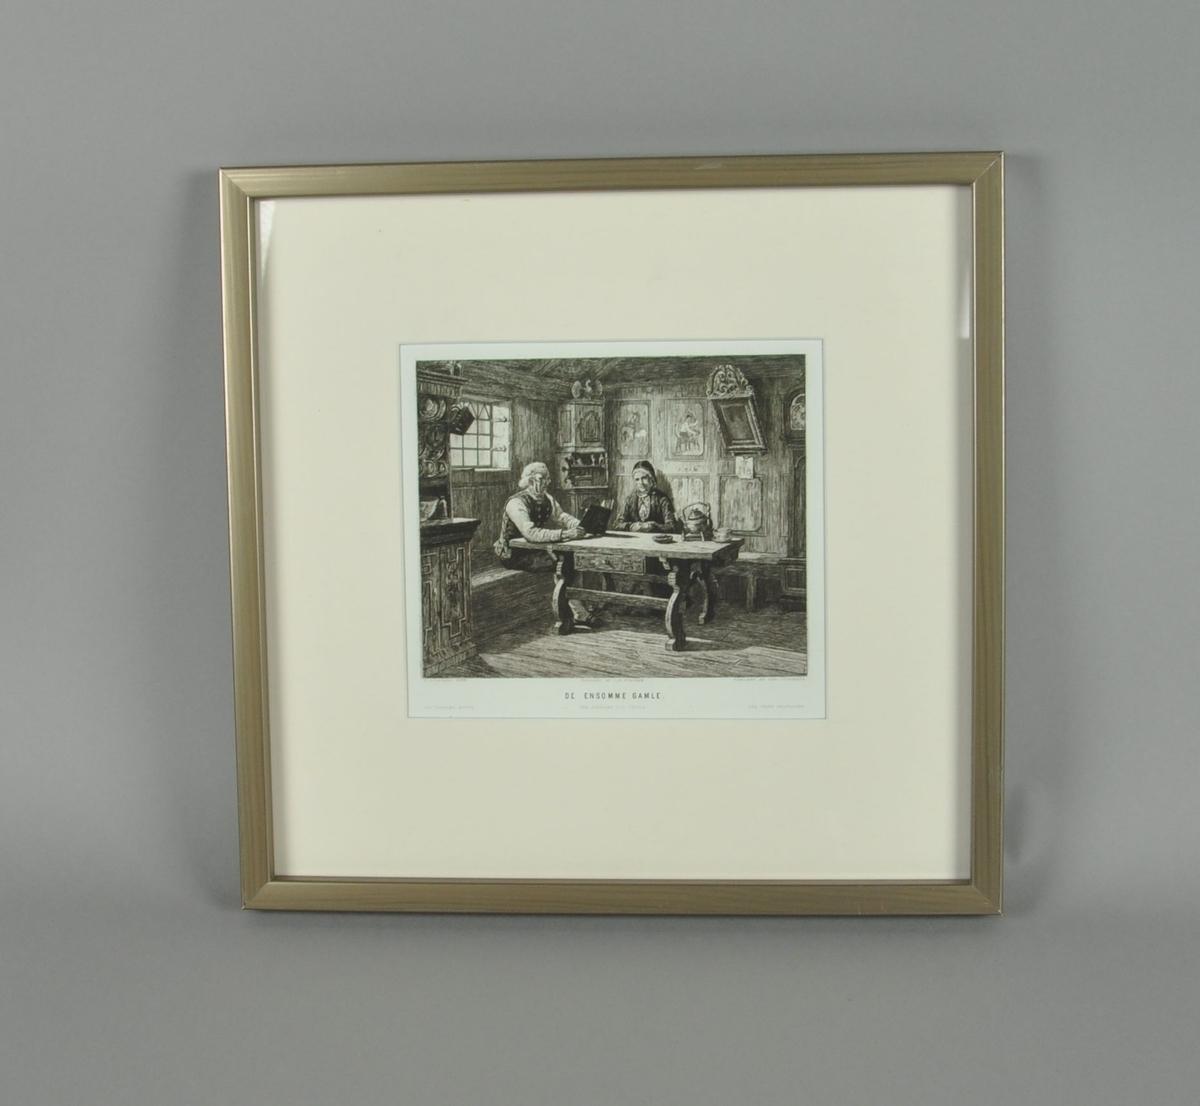 Trykk med motiv av et eldre par i stue, i hvit paspatur. Trykket har sølvmalt ramme av tre.